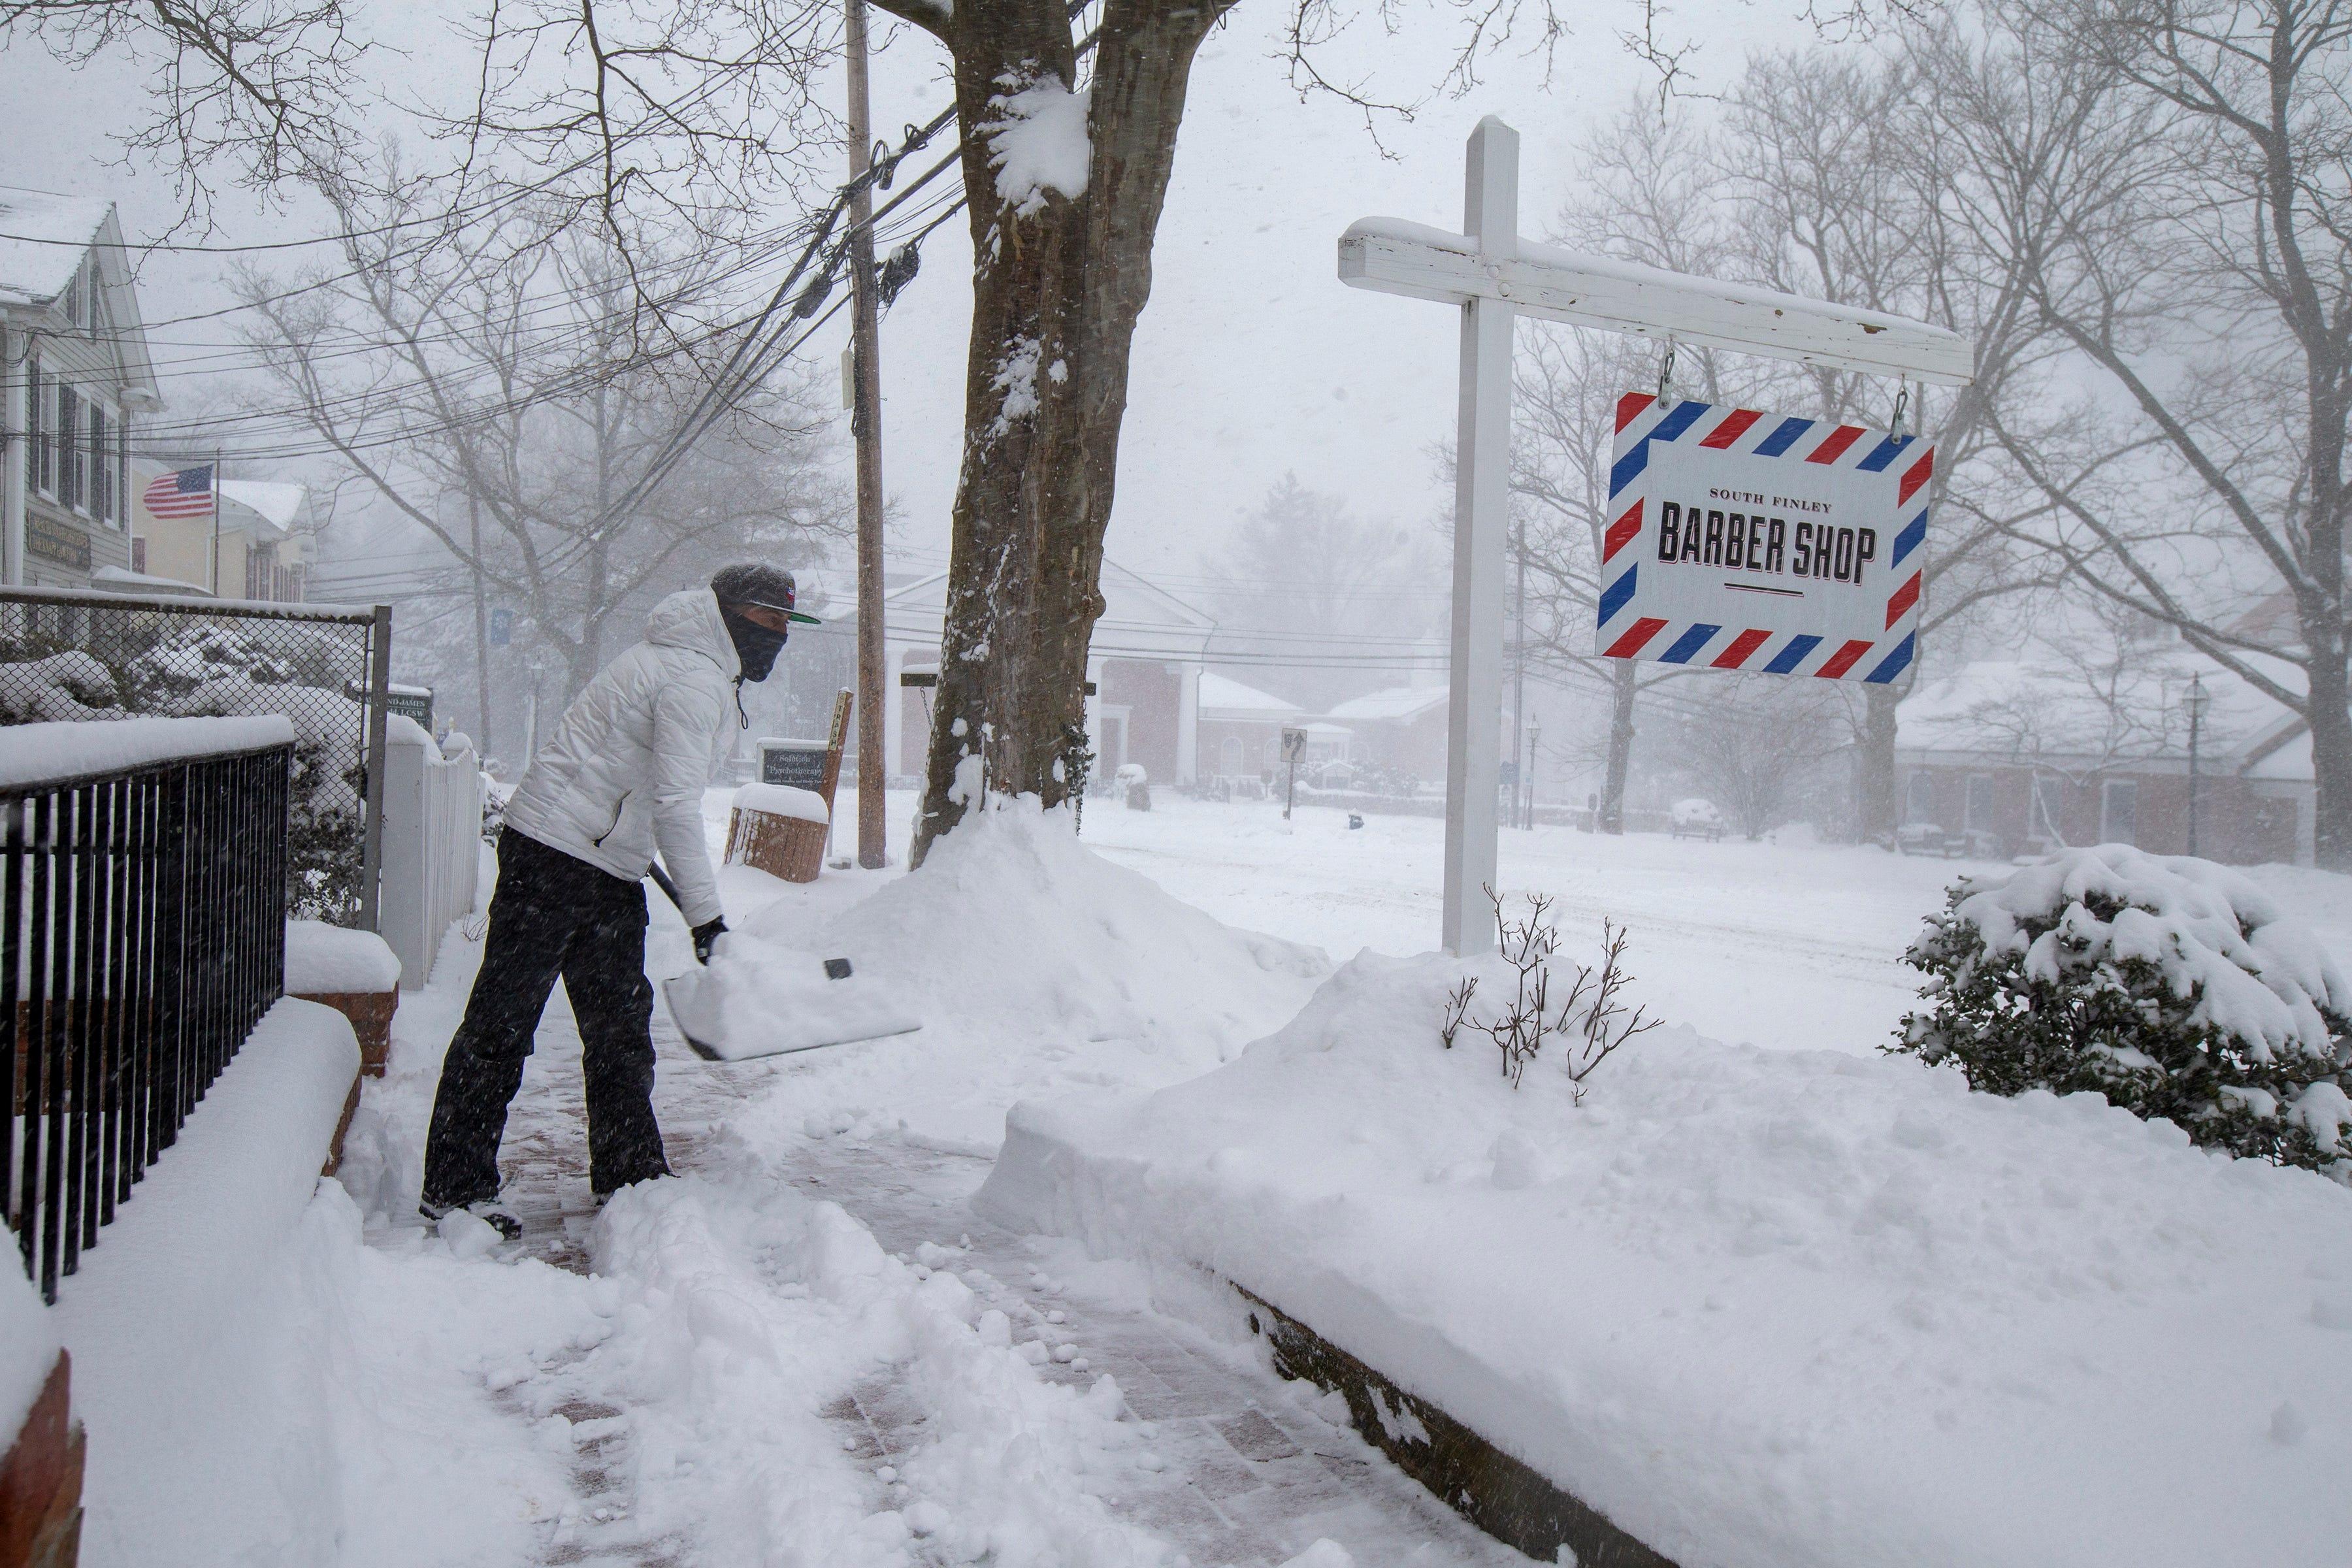 El barbero Bart Sienkiewicz quita la nieve frente a su tienda en Basking Ridge, Nueva Jersey (Tanya Breen/Courier News/USA TODAY NETWORK via REUTERS)